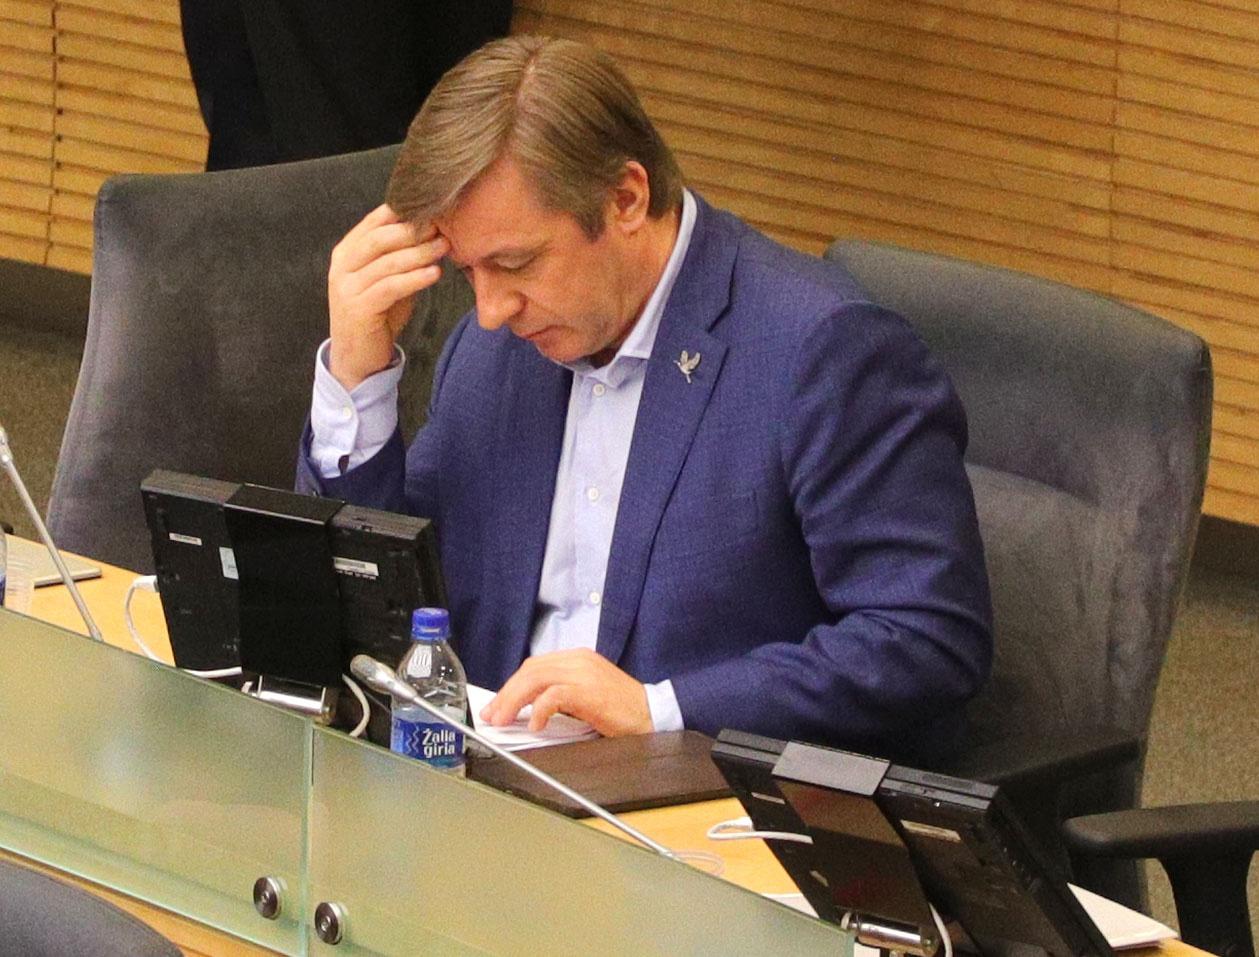 Prasidėjus diskusijai dėl 0 promilių vairuotojams, R. Karbauskis prašo statistinių domenų